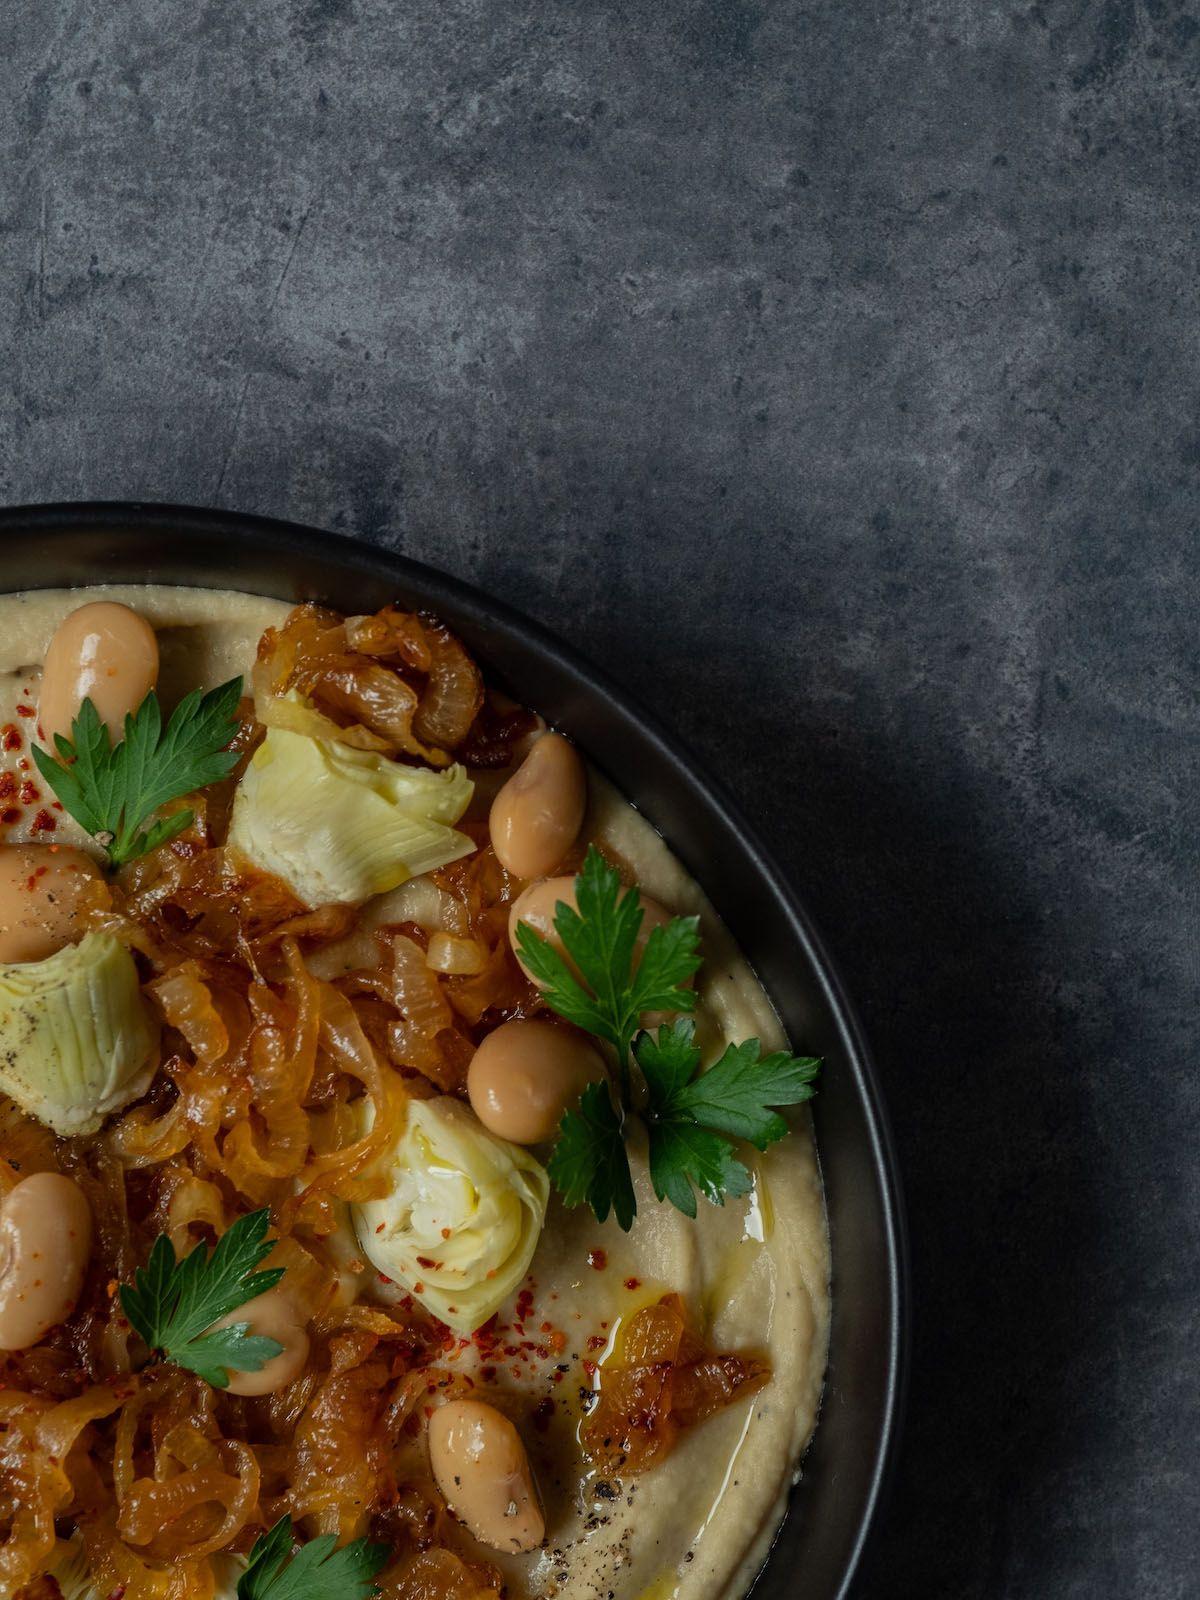 foodblpog, about fuel, rezept, Weiße Bohnen artischocken Dip, Chiliflocken, Petersilie